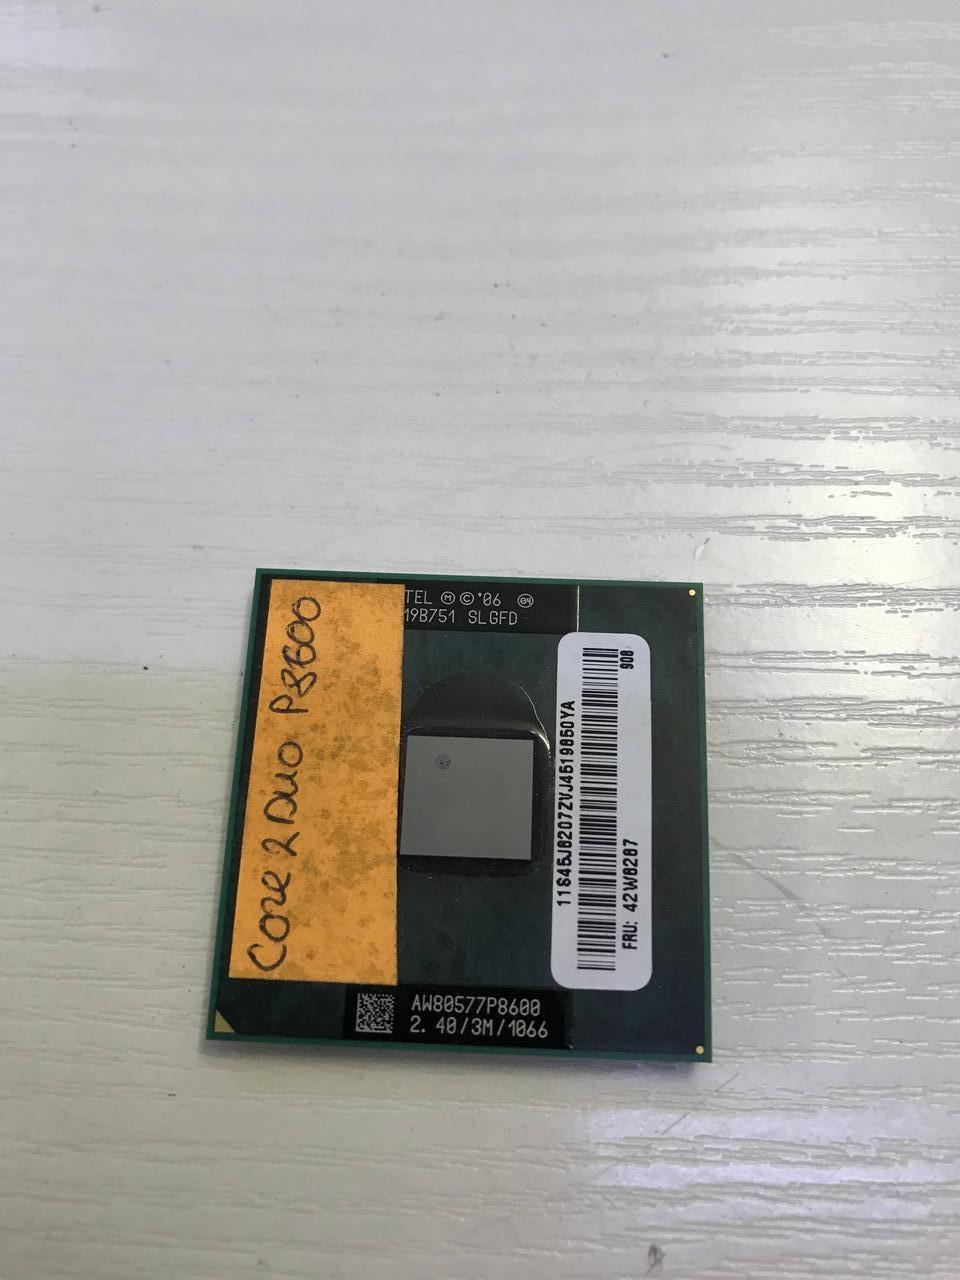 Процессор Intel Pentium P8600 - SLGFD - рабочий и исправный. Гарантия 1 месяц